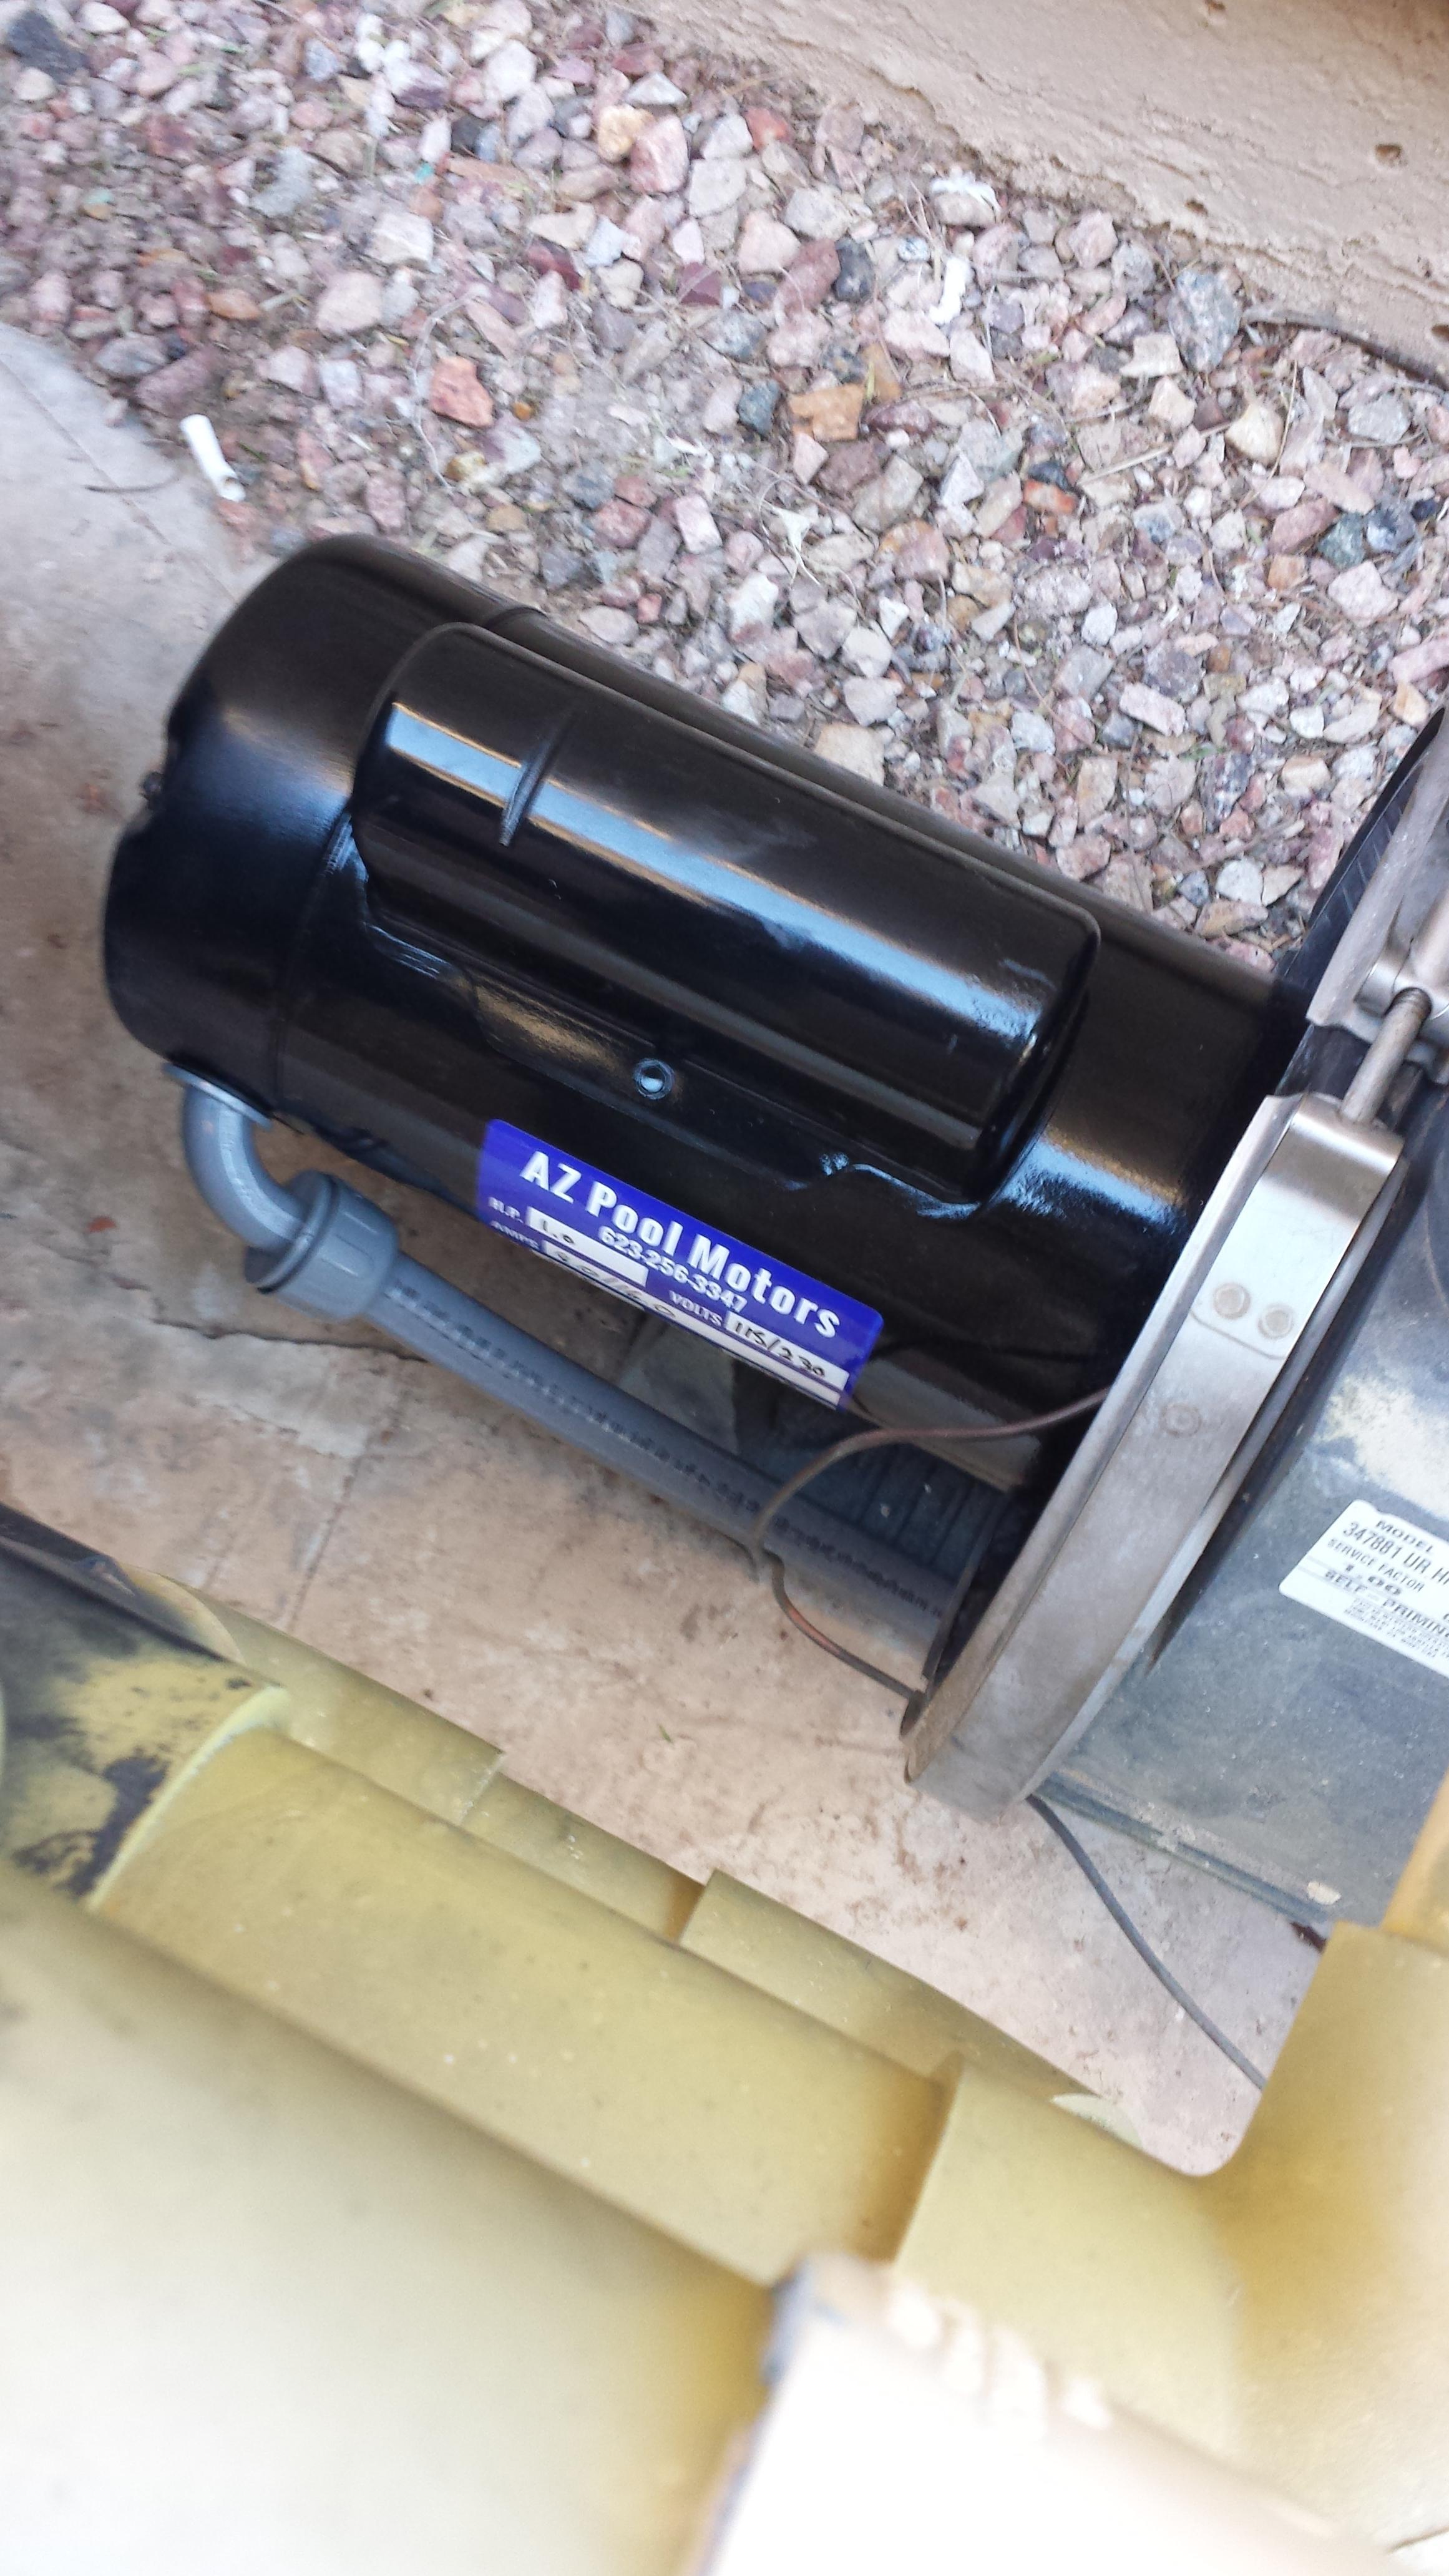 Az pool motors phoenix arizona az for Rebuilt pool pump motors